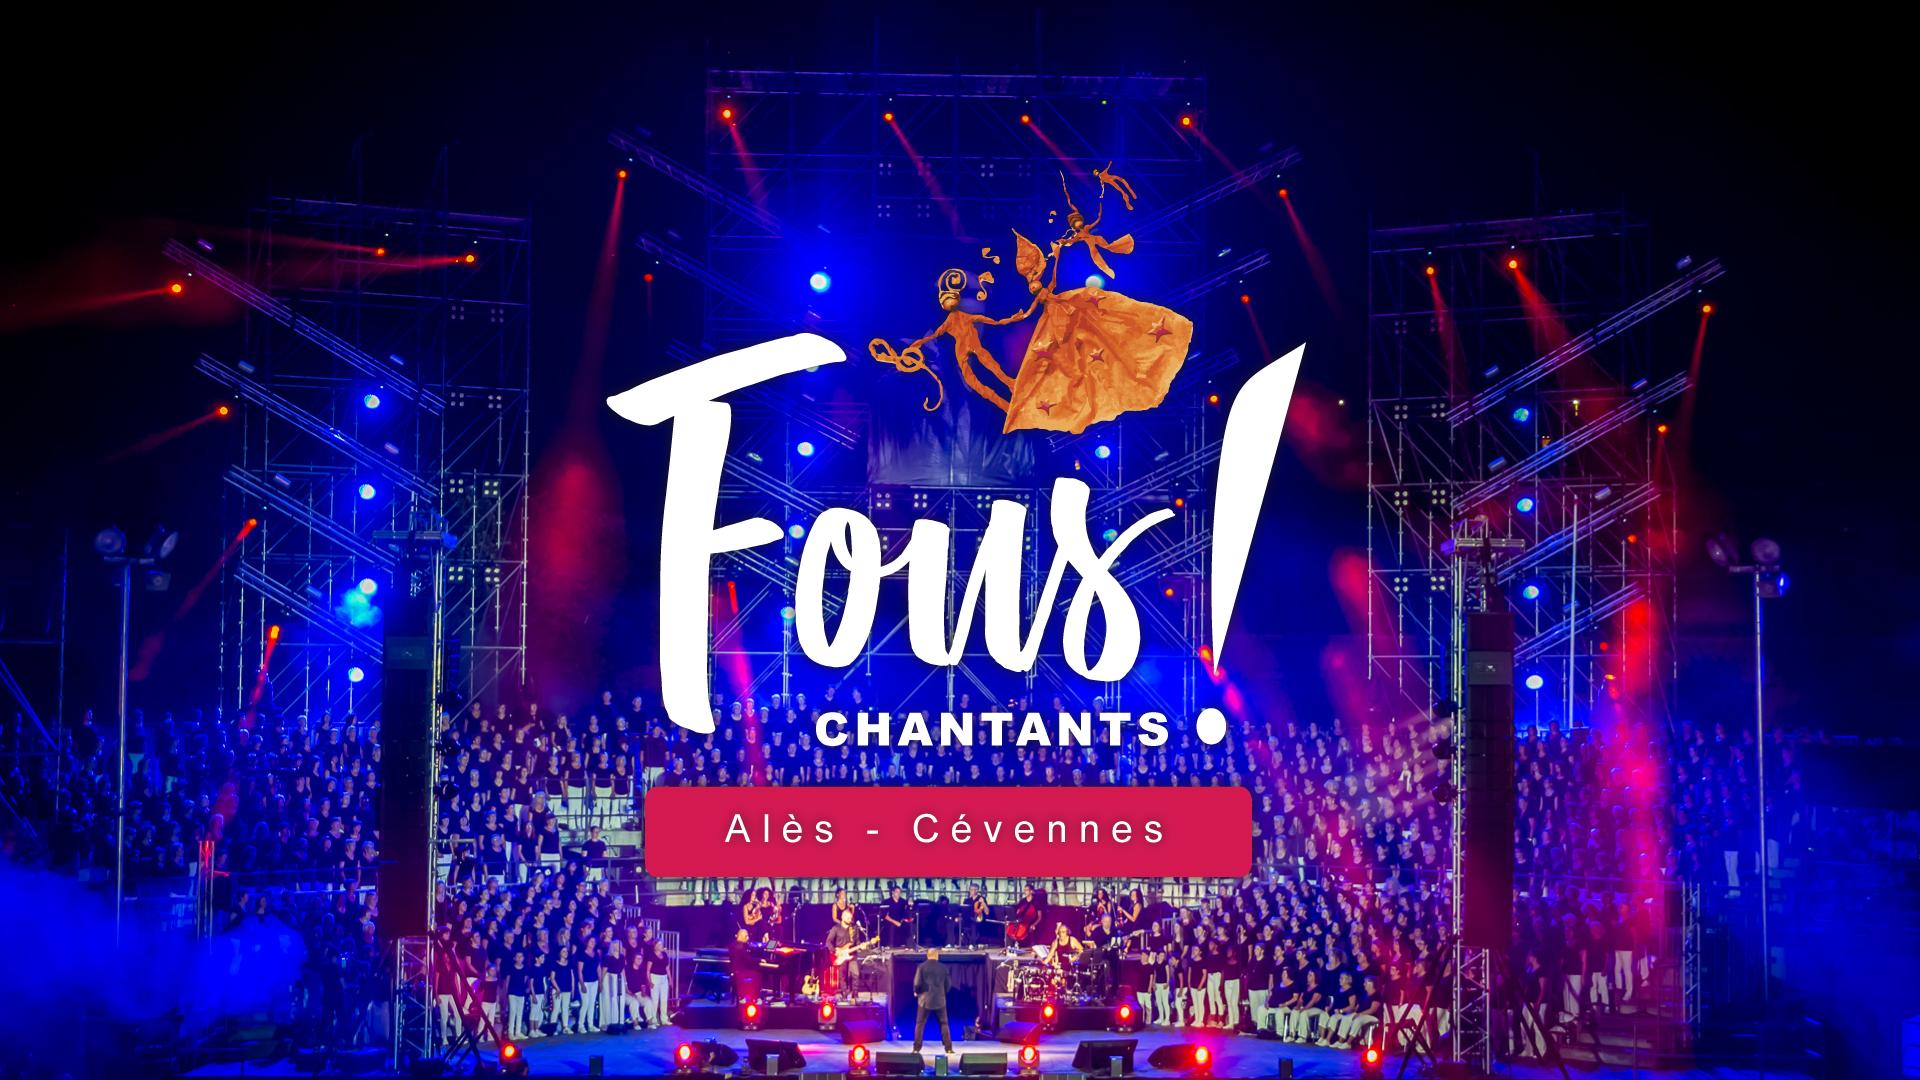 (c) Fouschantants.org